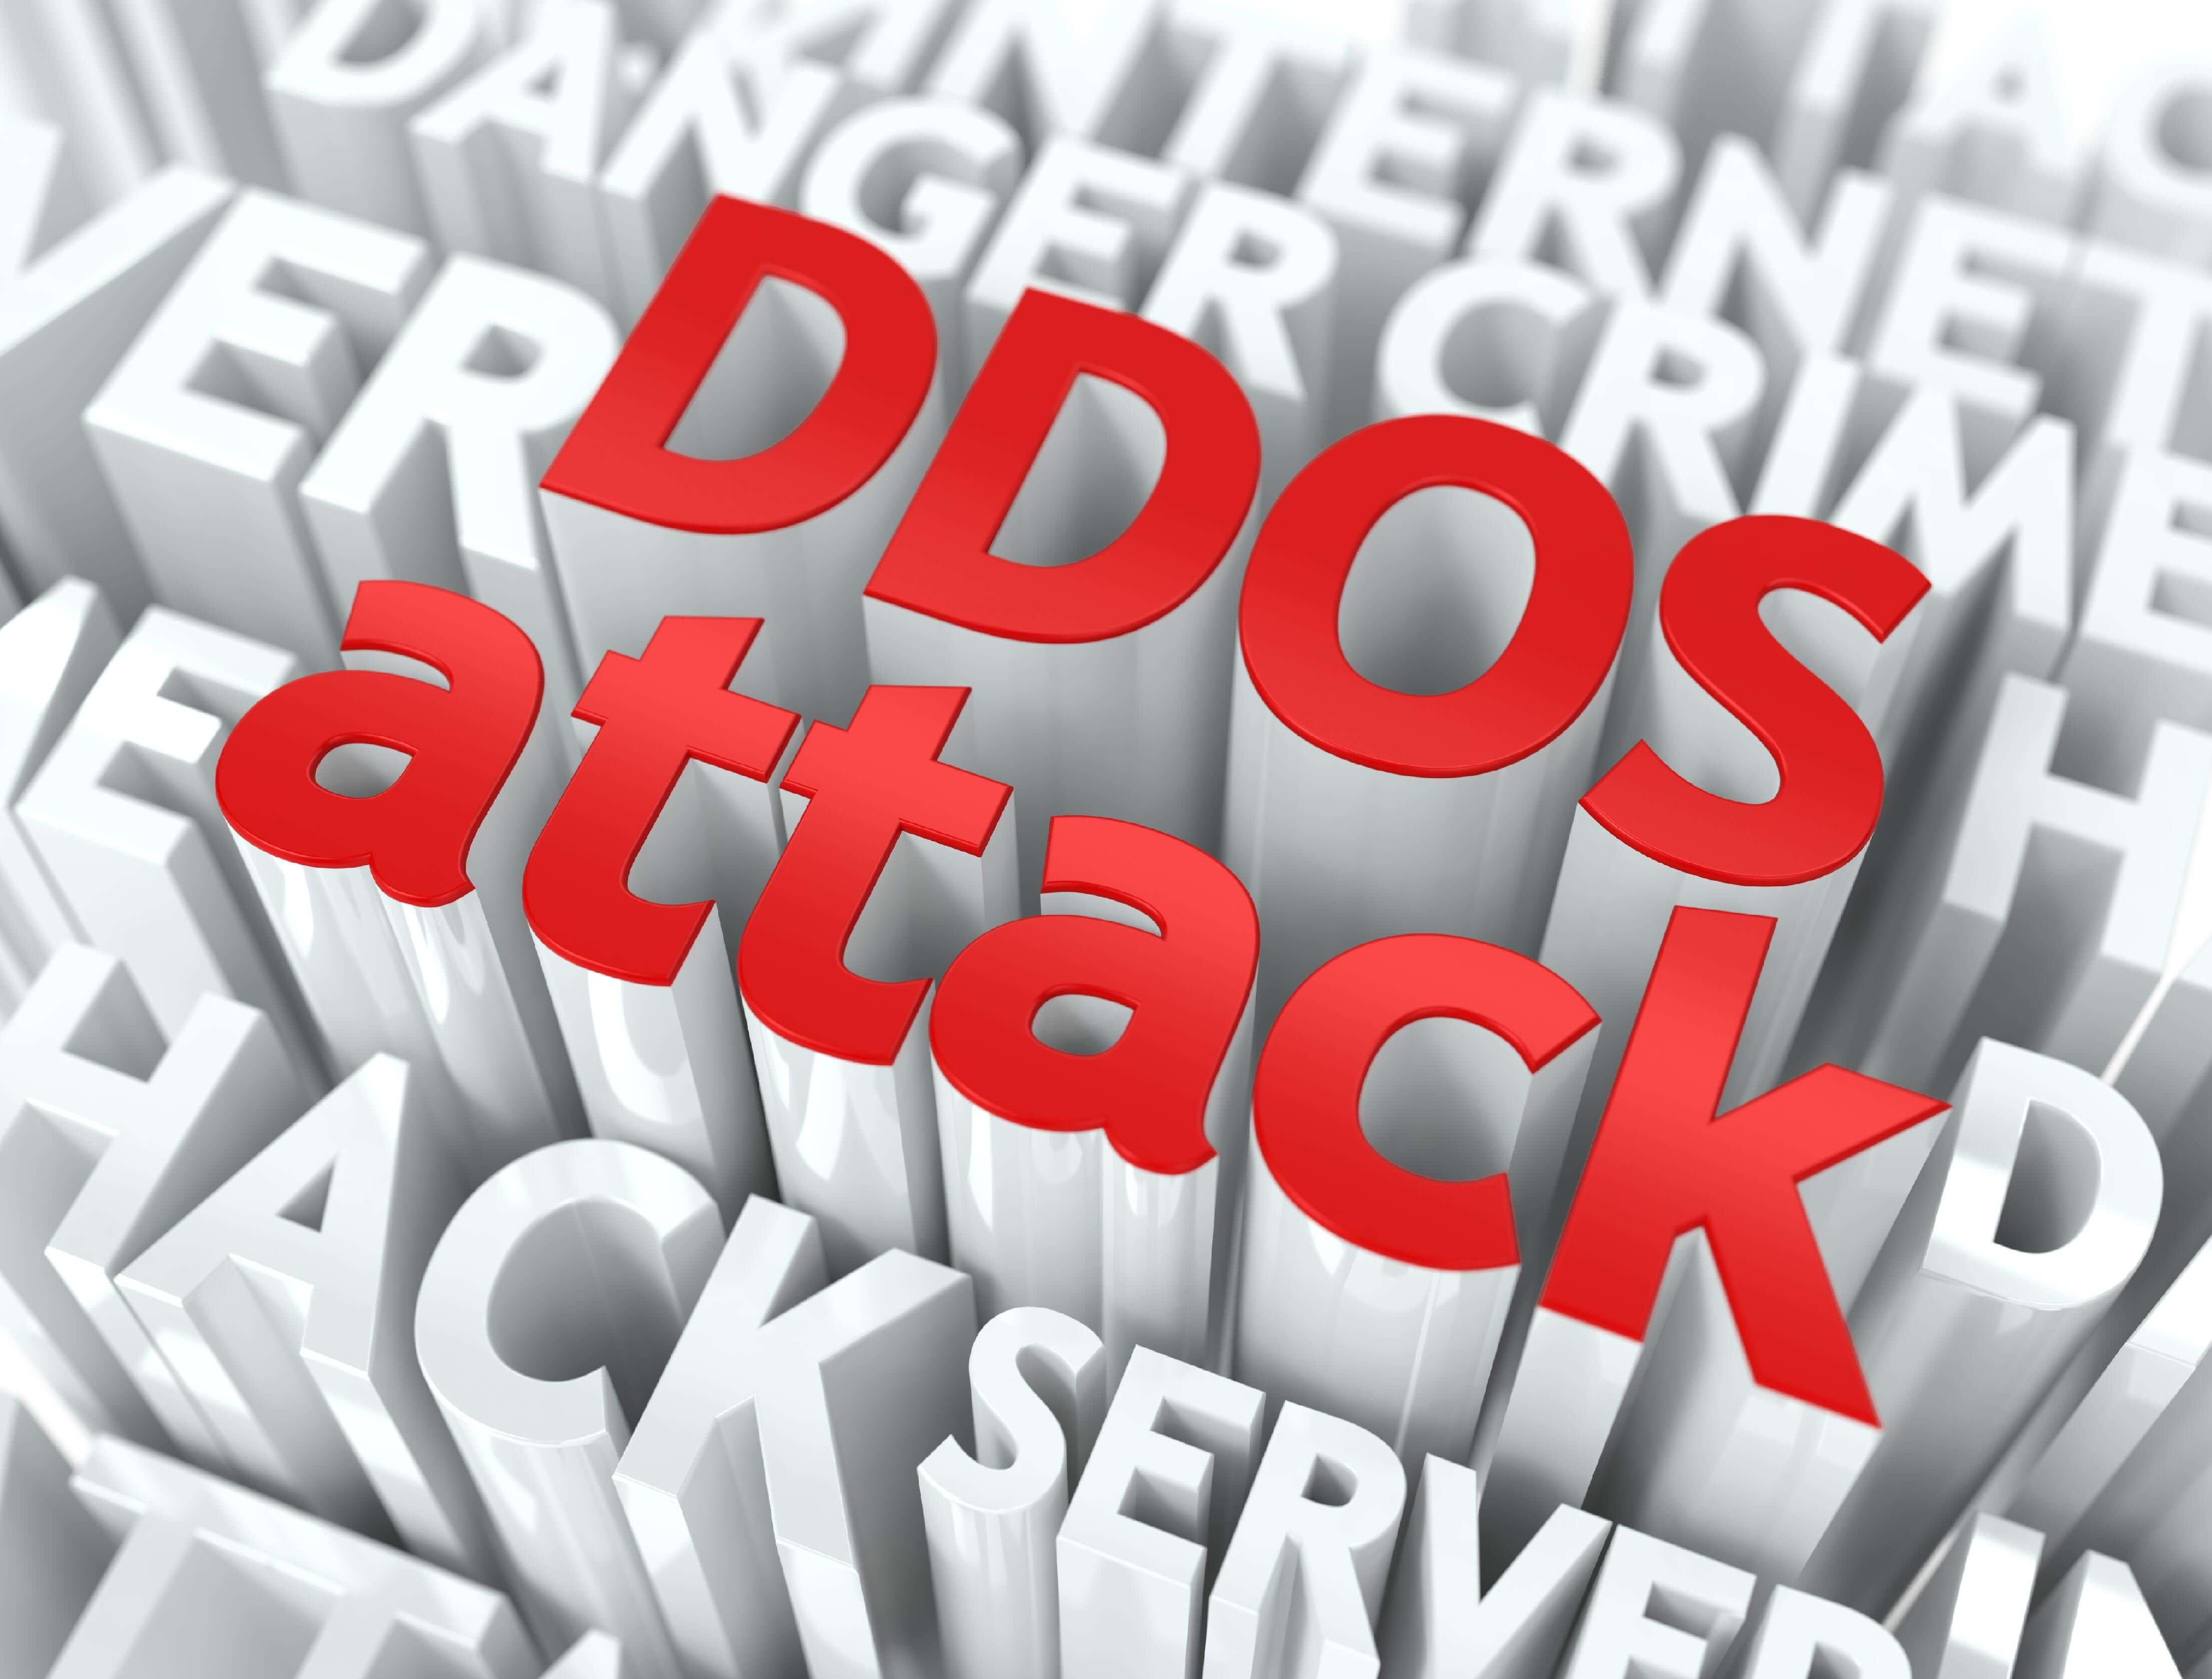 حملات محرومیت از سرویس DOS و DDOS - بخش اول